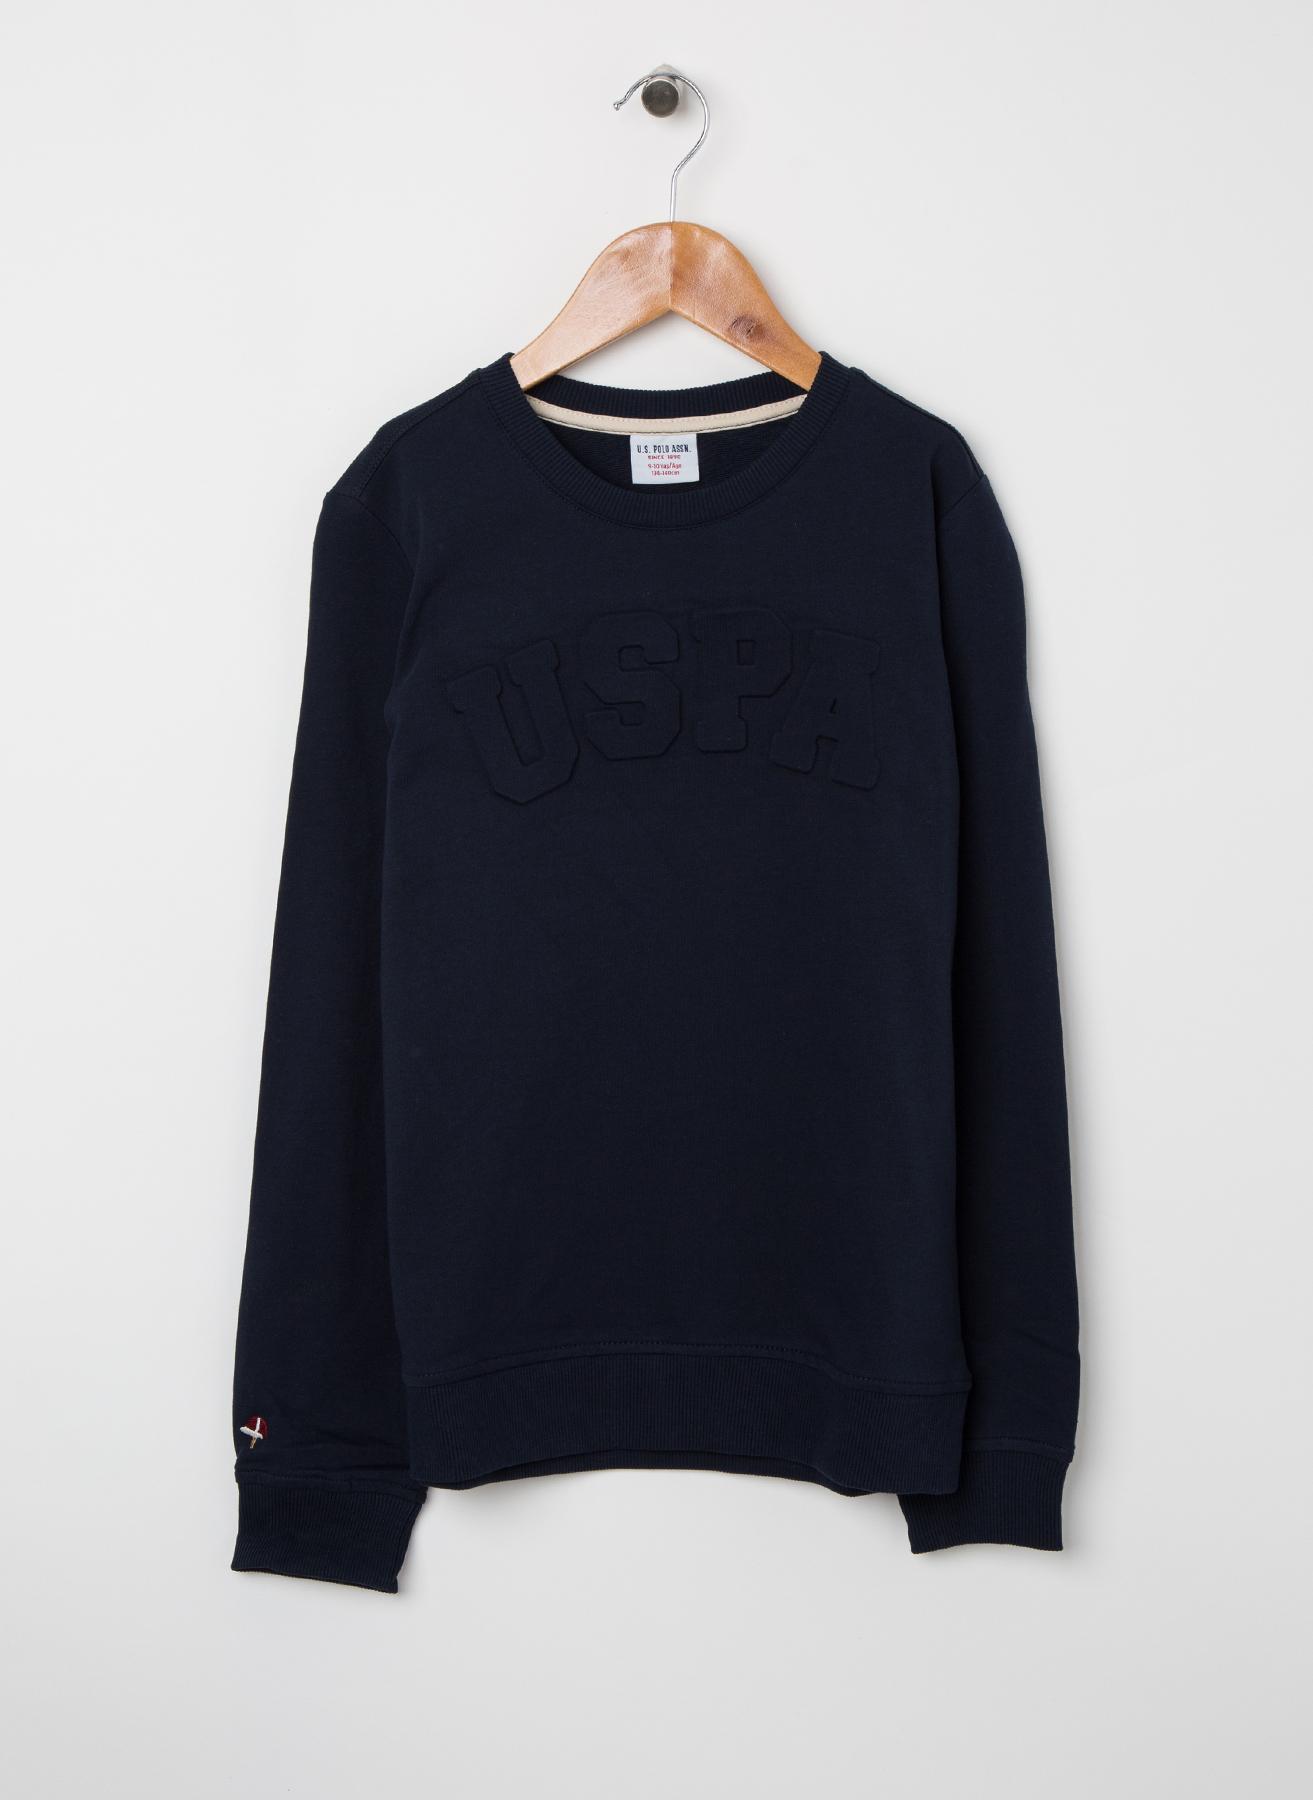 U.S. Polo Assn. Genç Erkek Kabartma Yazılı Lacivert Sweatshirt 5 Yaş 5001704886006 Ürün Resmi